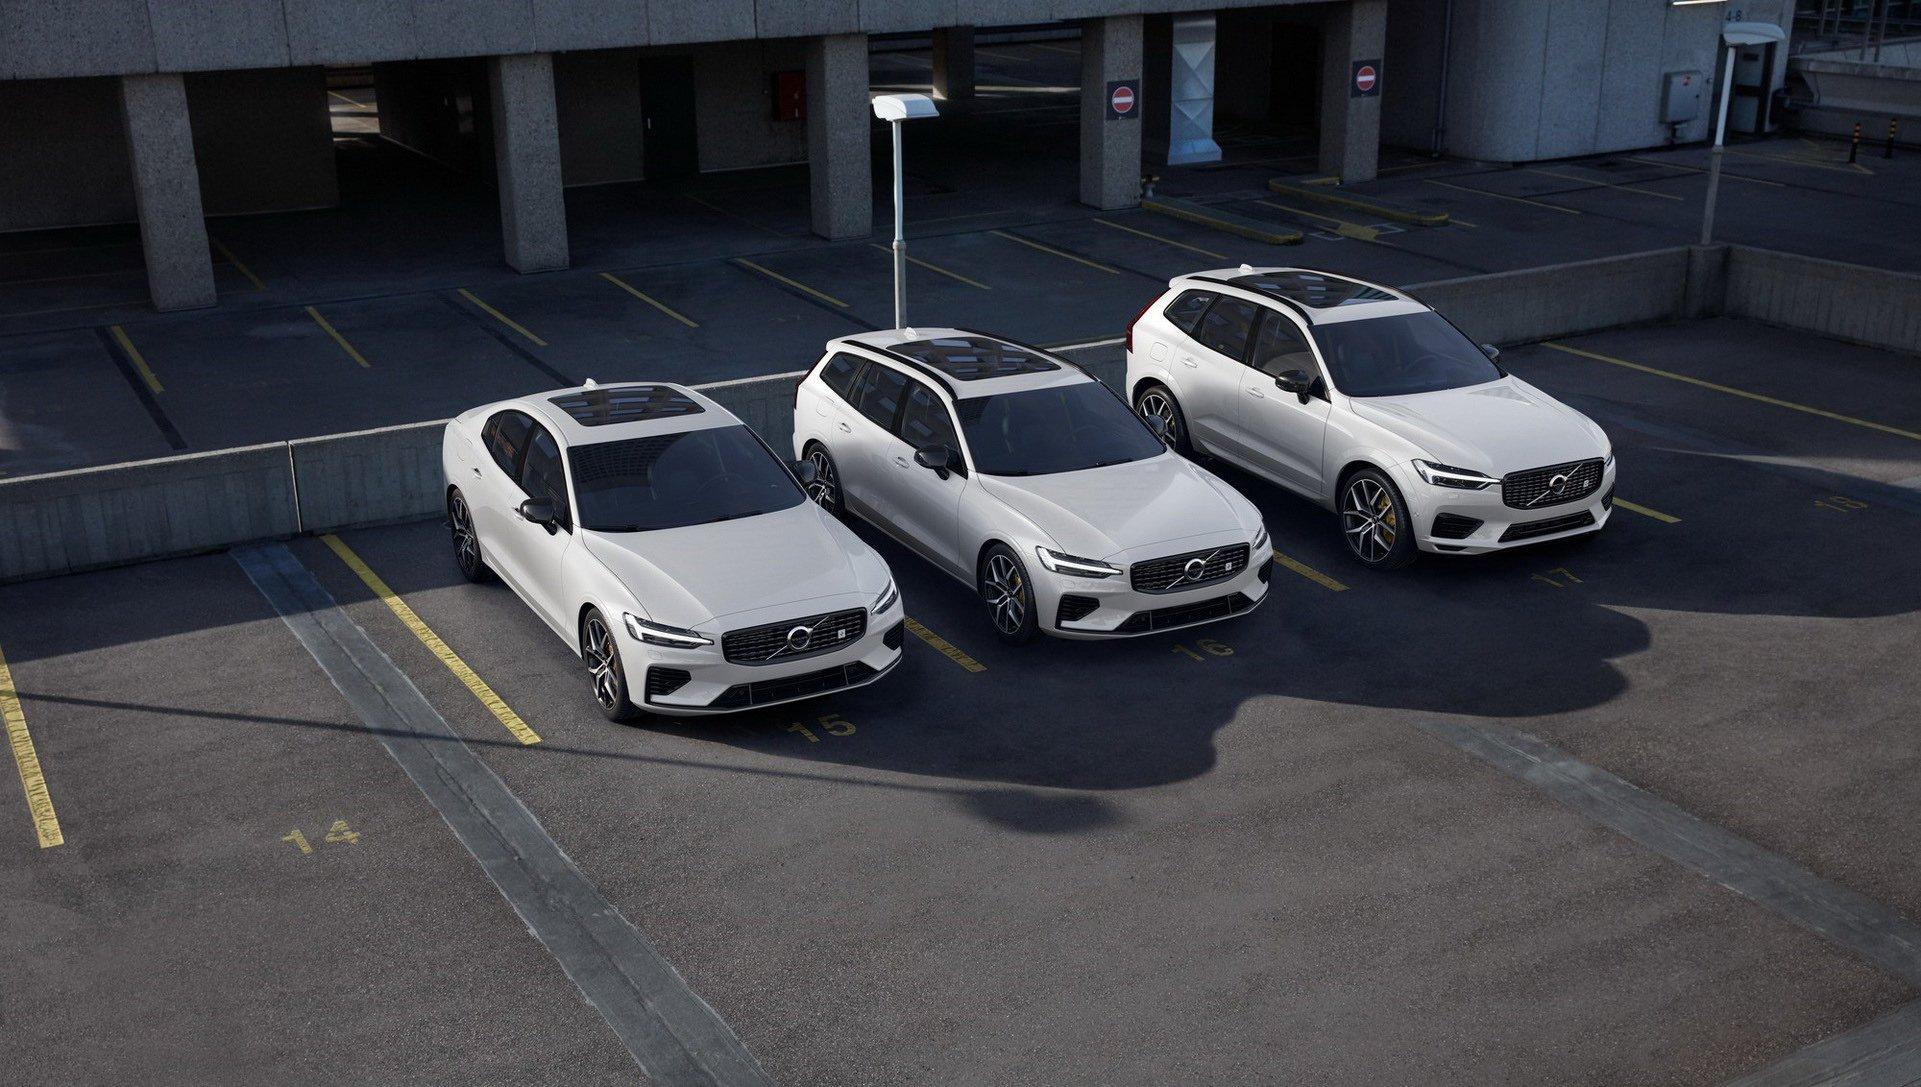 Depois do S60, as versões híbridas plug-in desportivas Polestar Engineered chegam ao XC60 e ao V60